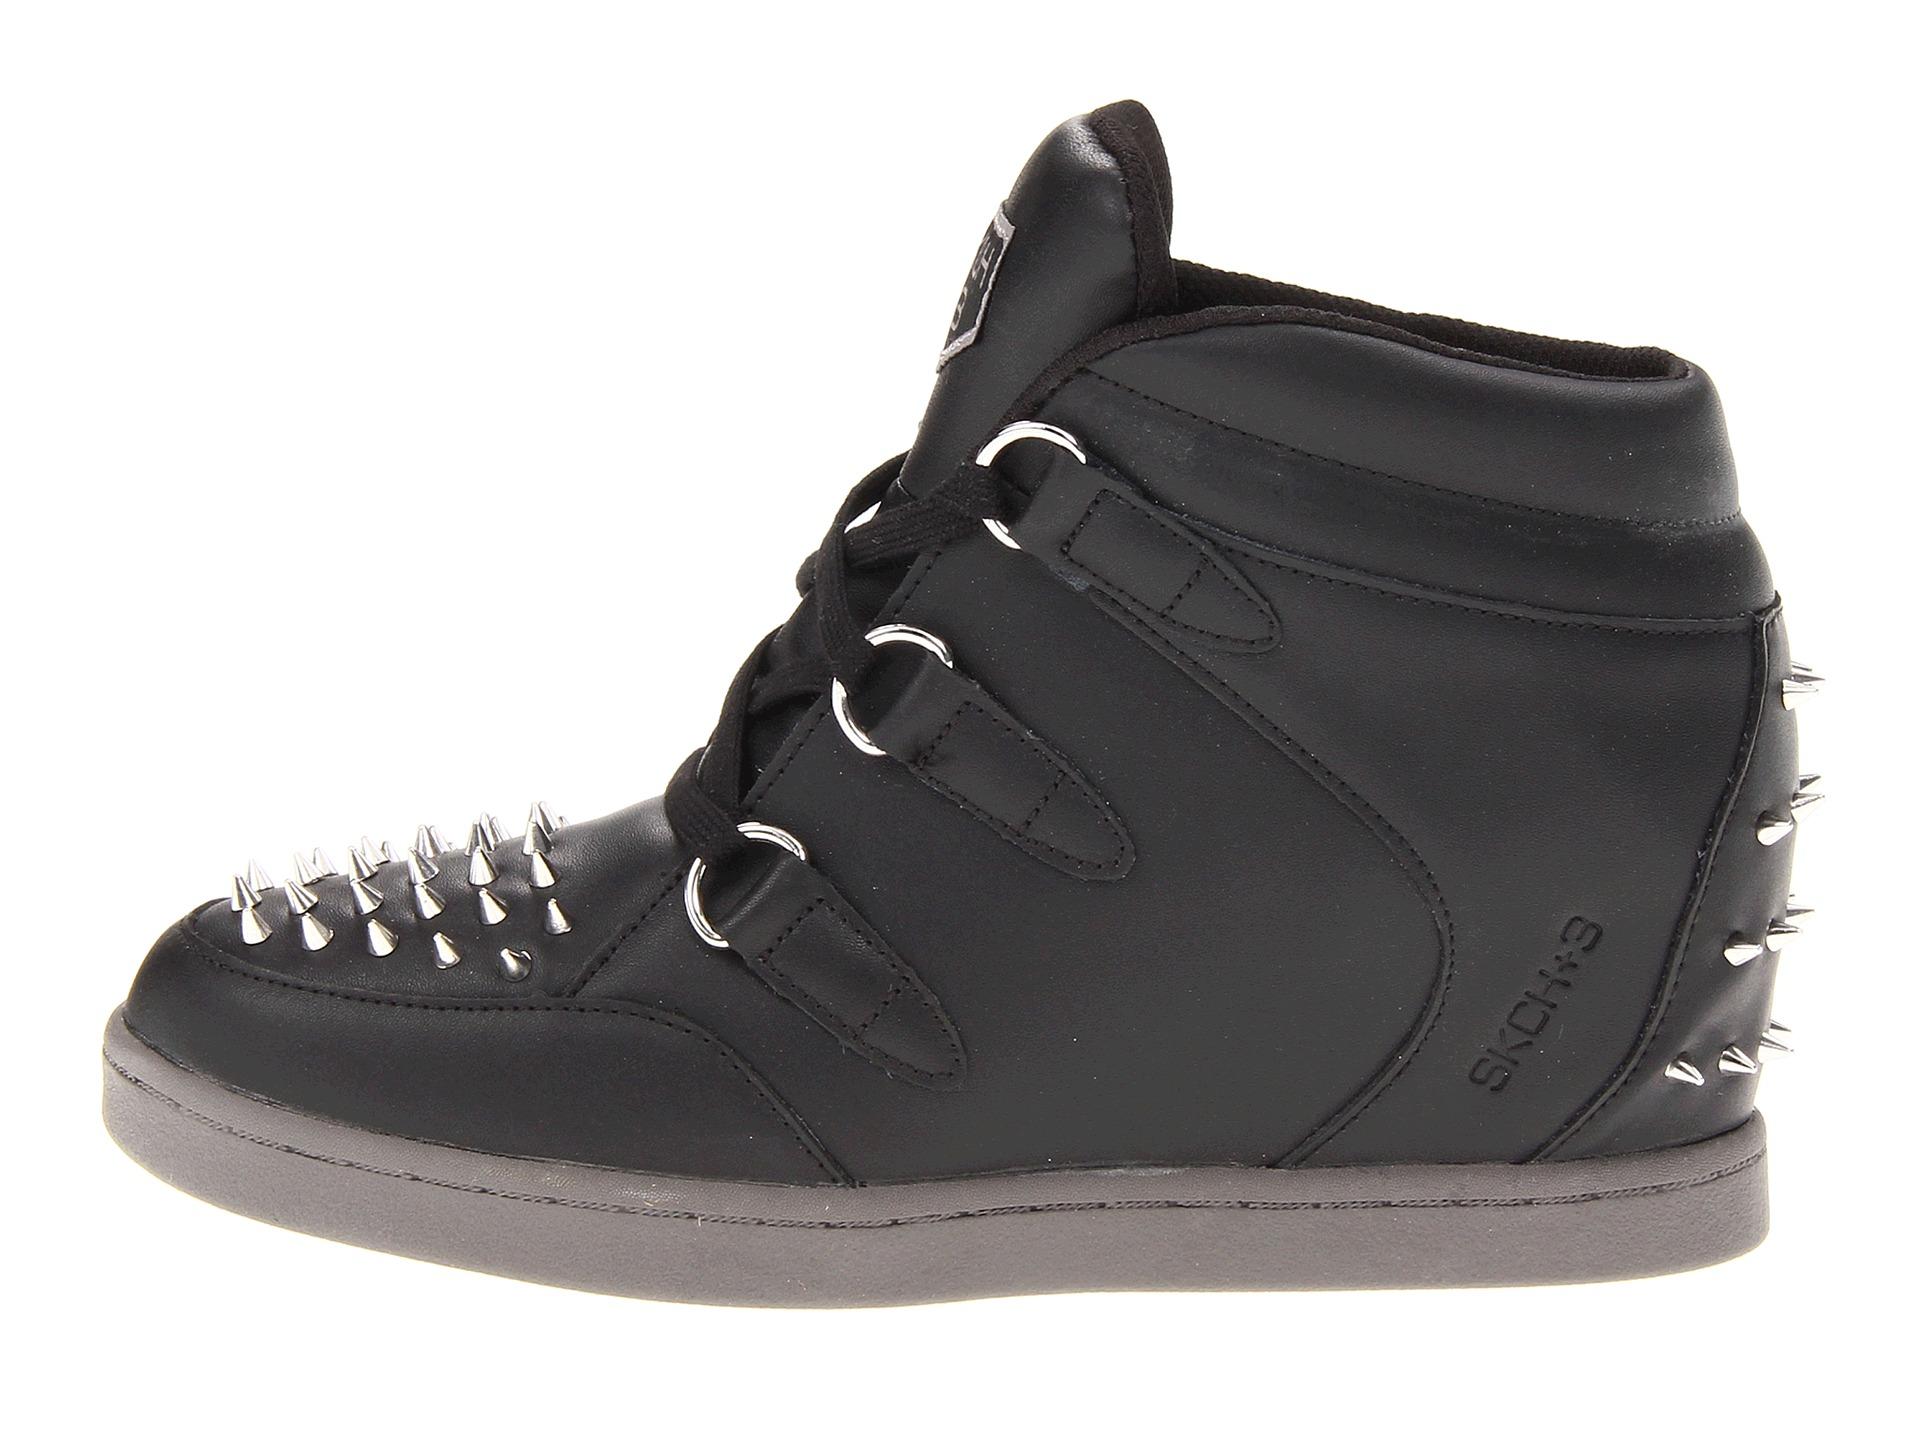 17aab79c7 Янита обувь скидки. Интернет-магазин качественной брендовой обуви.